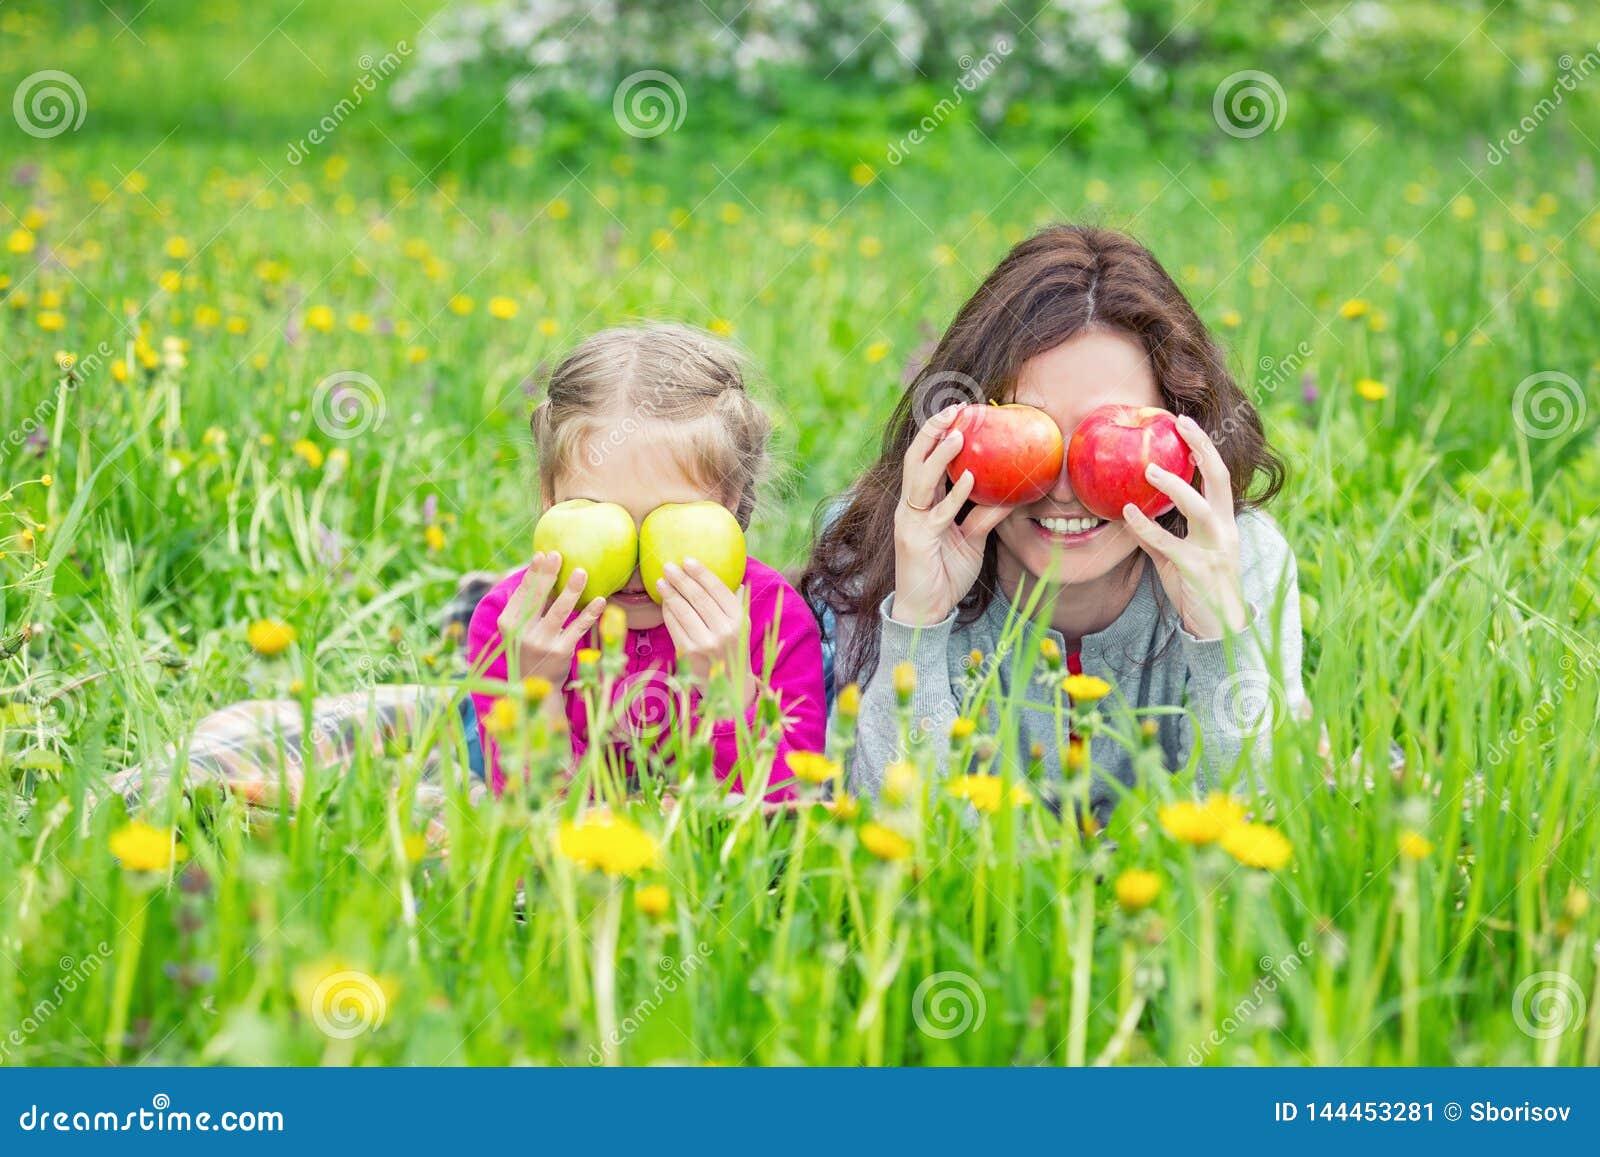 Mutter und Tochter auf sonniger Wiese mit Äpfeln in den Händen